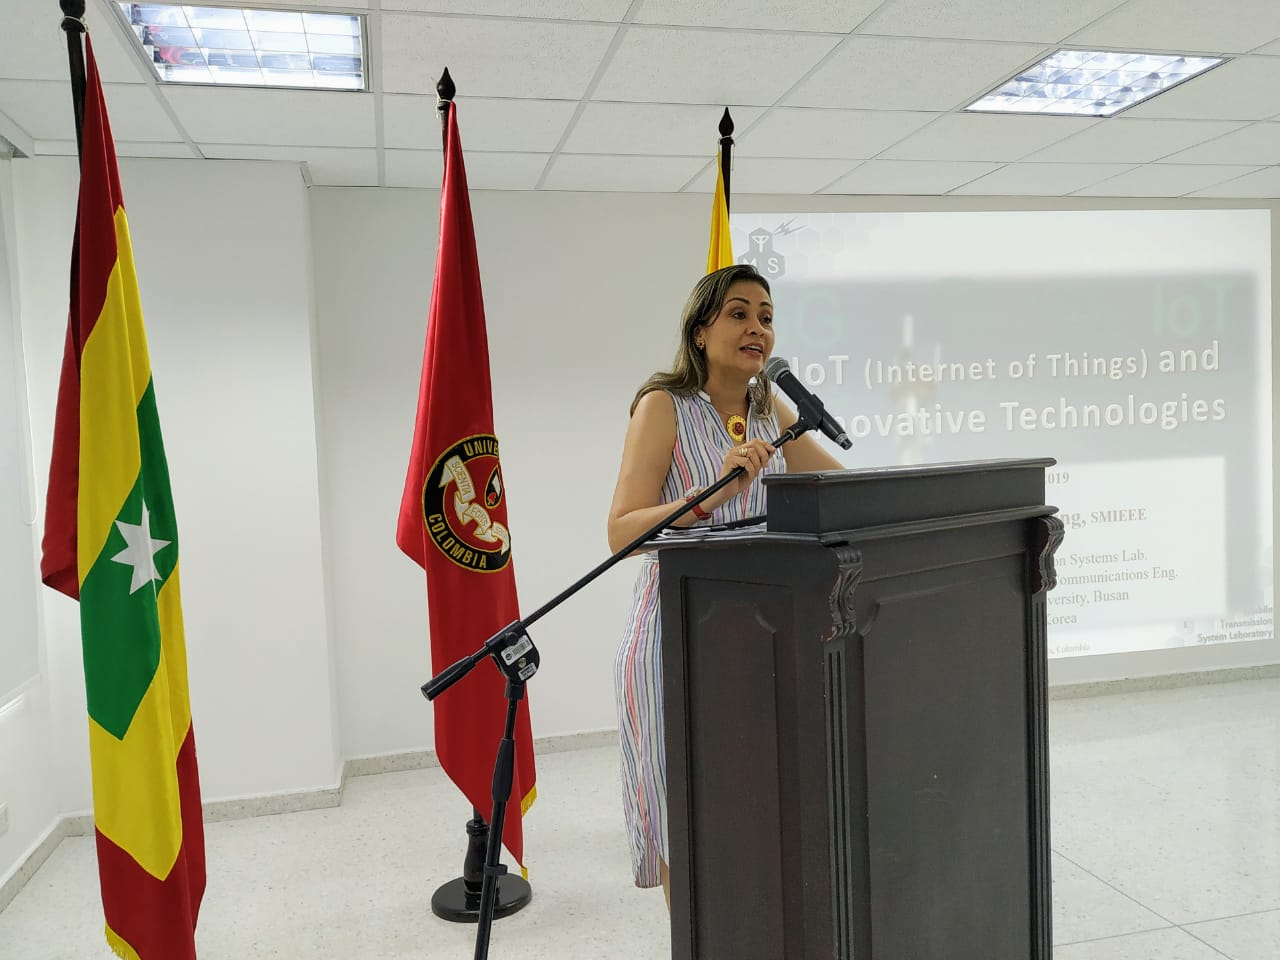 Instalación a cargo de la Dra. Beatriz Tovar Carrasquilla, presidente delegada de la Universidad Libre Seccional Barranquilla.